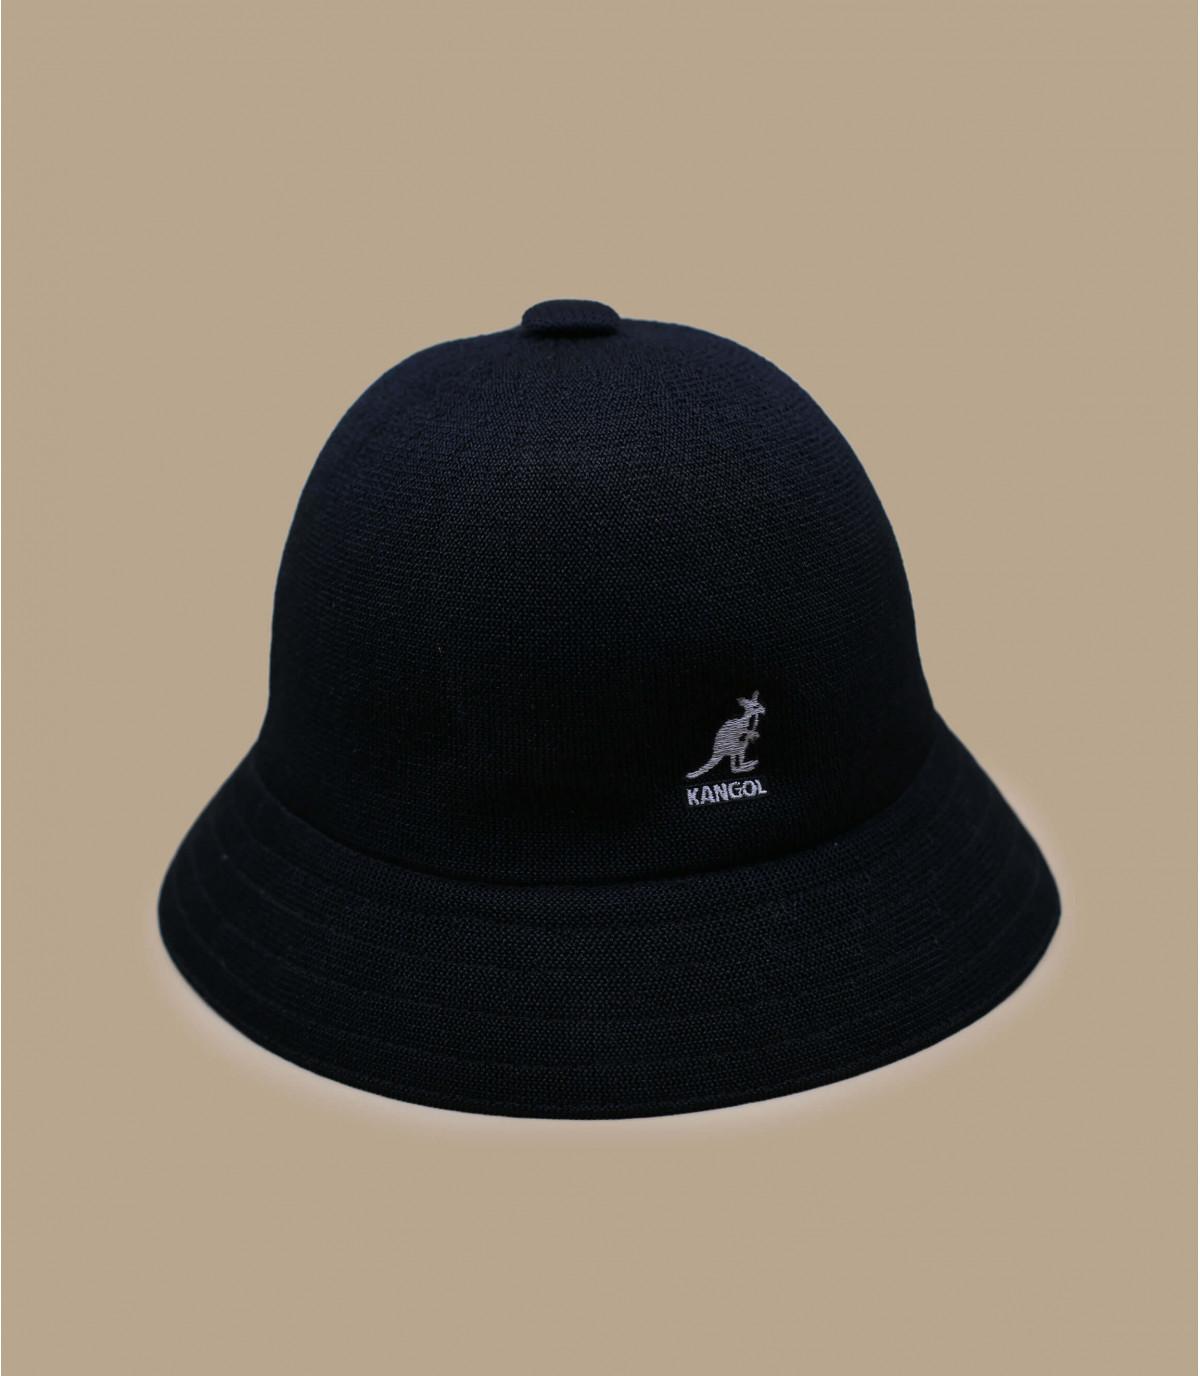 Kangol schwarzer Tropic Fischerhut